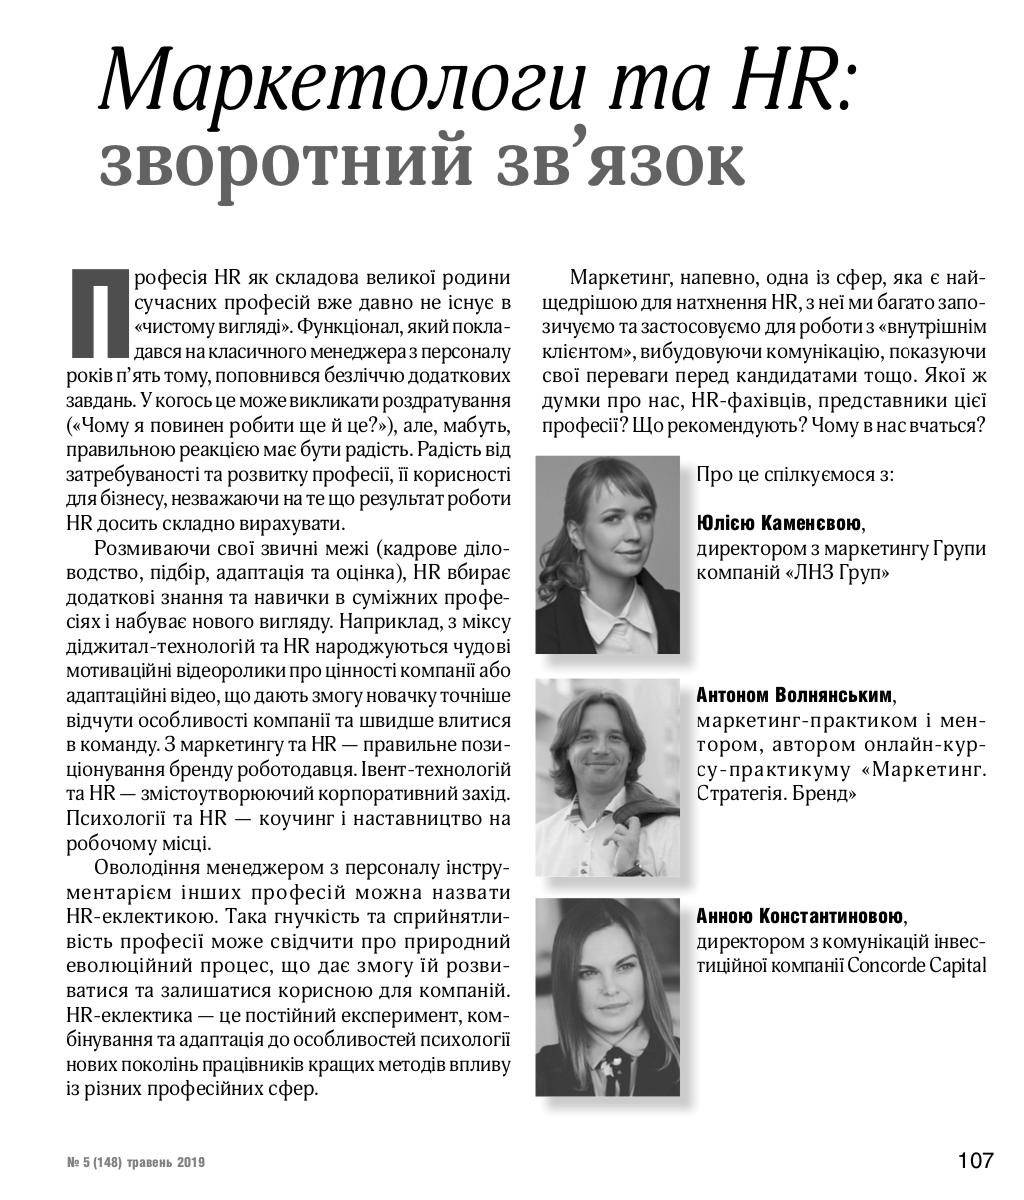 Кадровик України, Маркетологи, Зворотній зв'язок